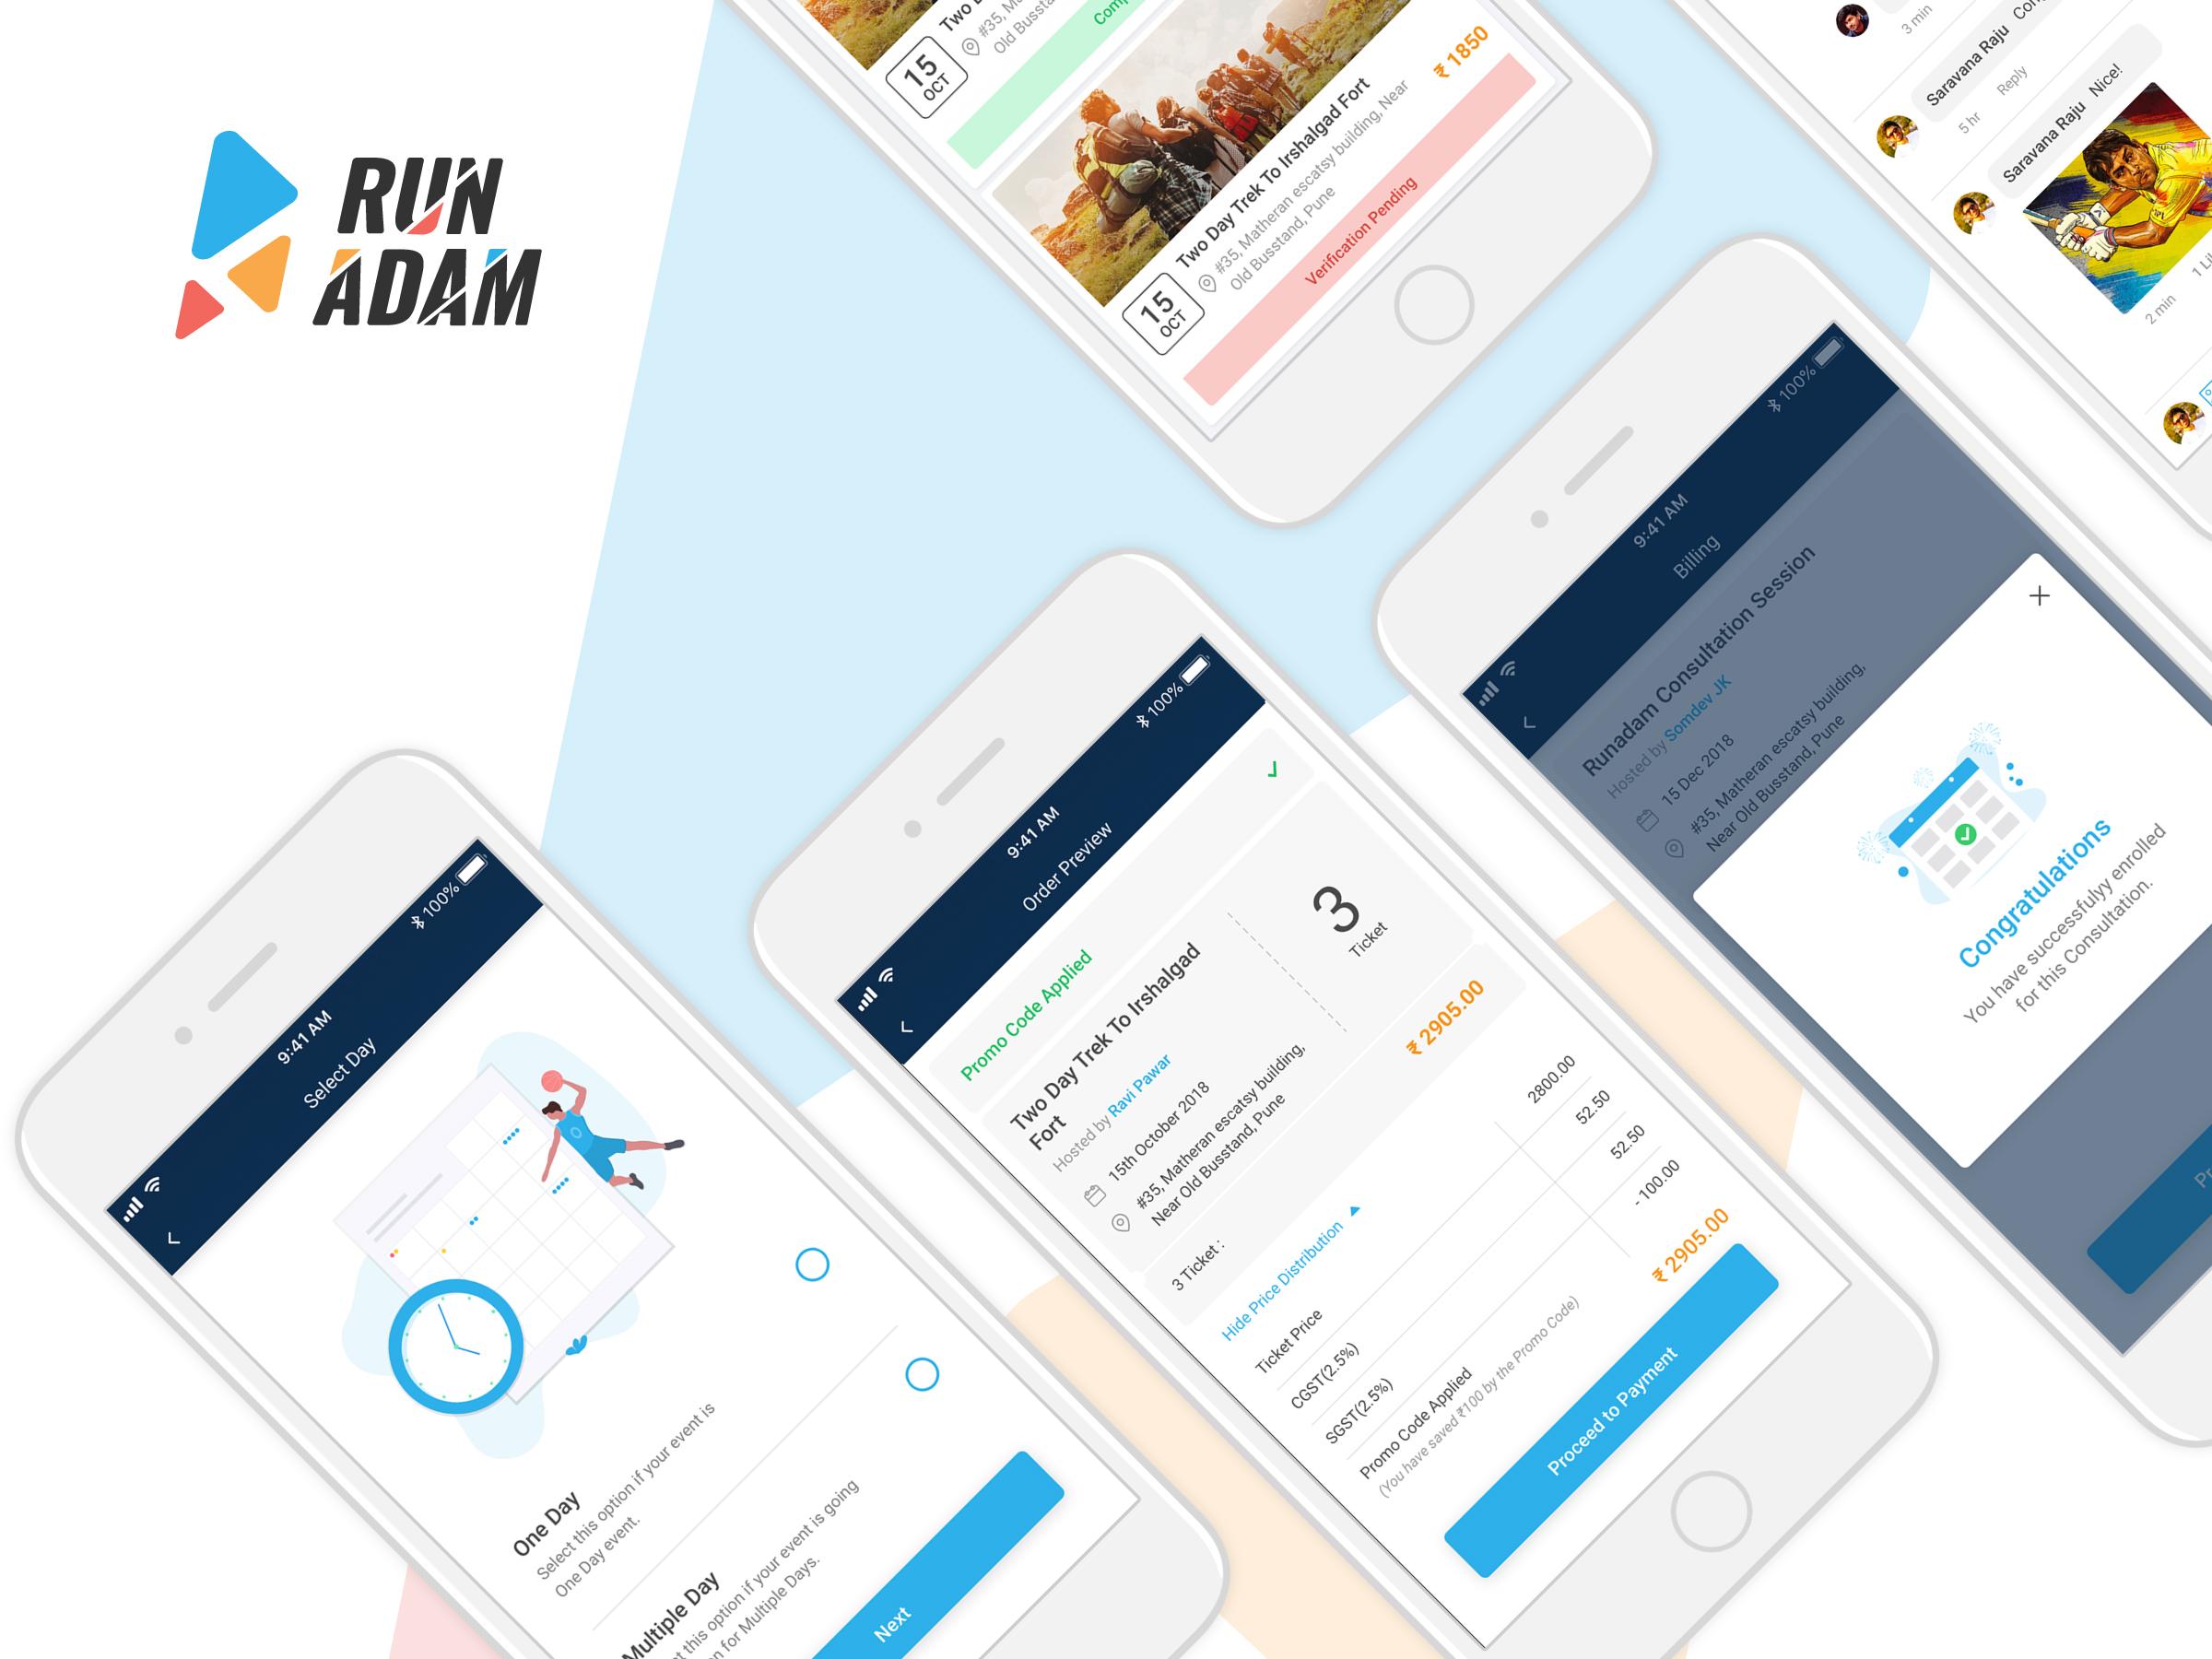 Dribble run adam mobile design